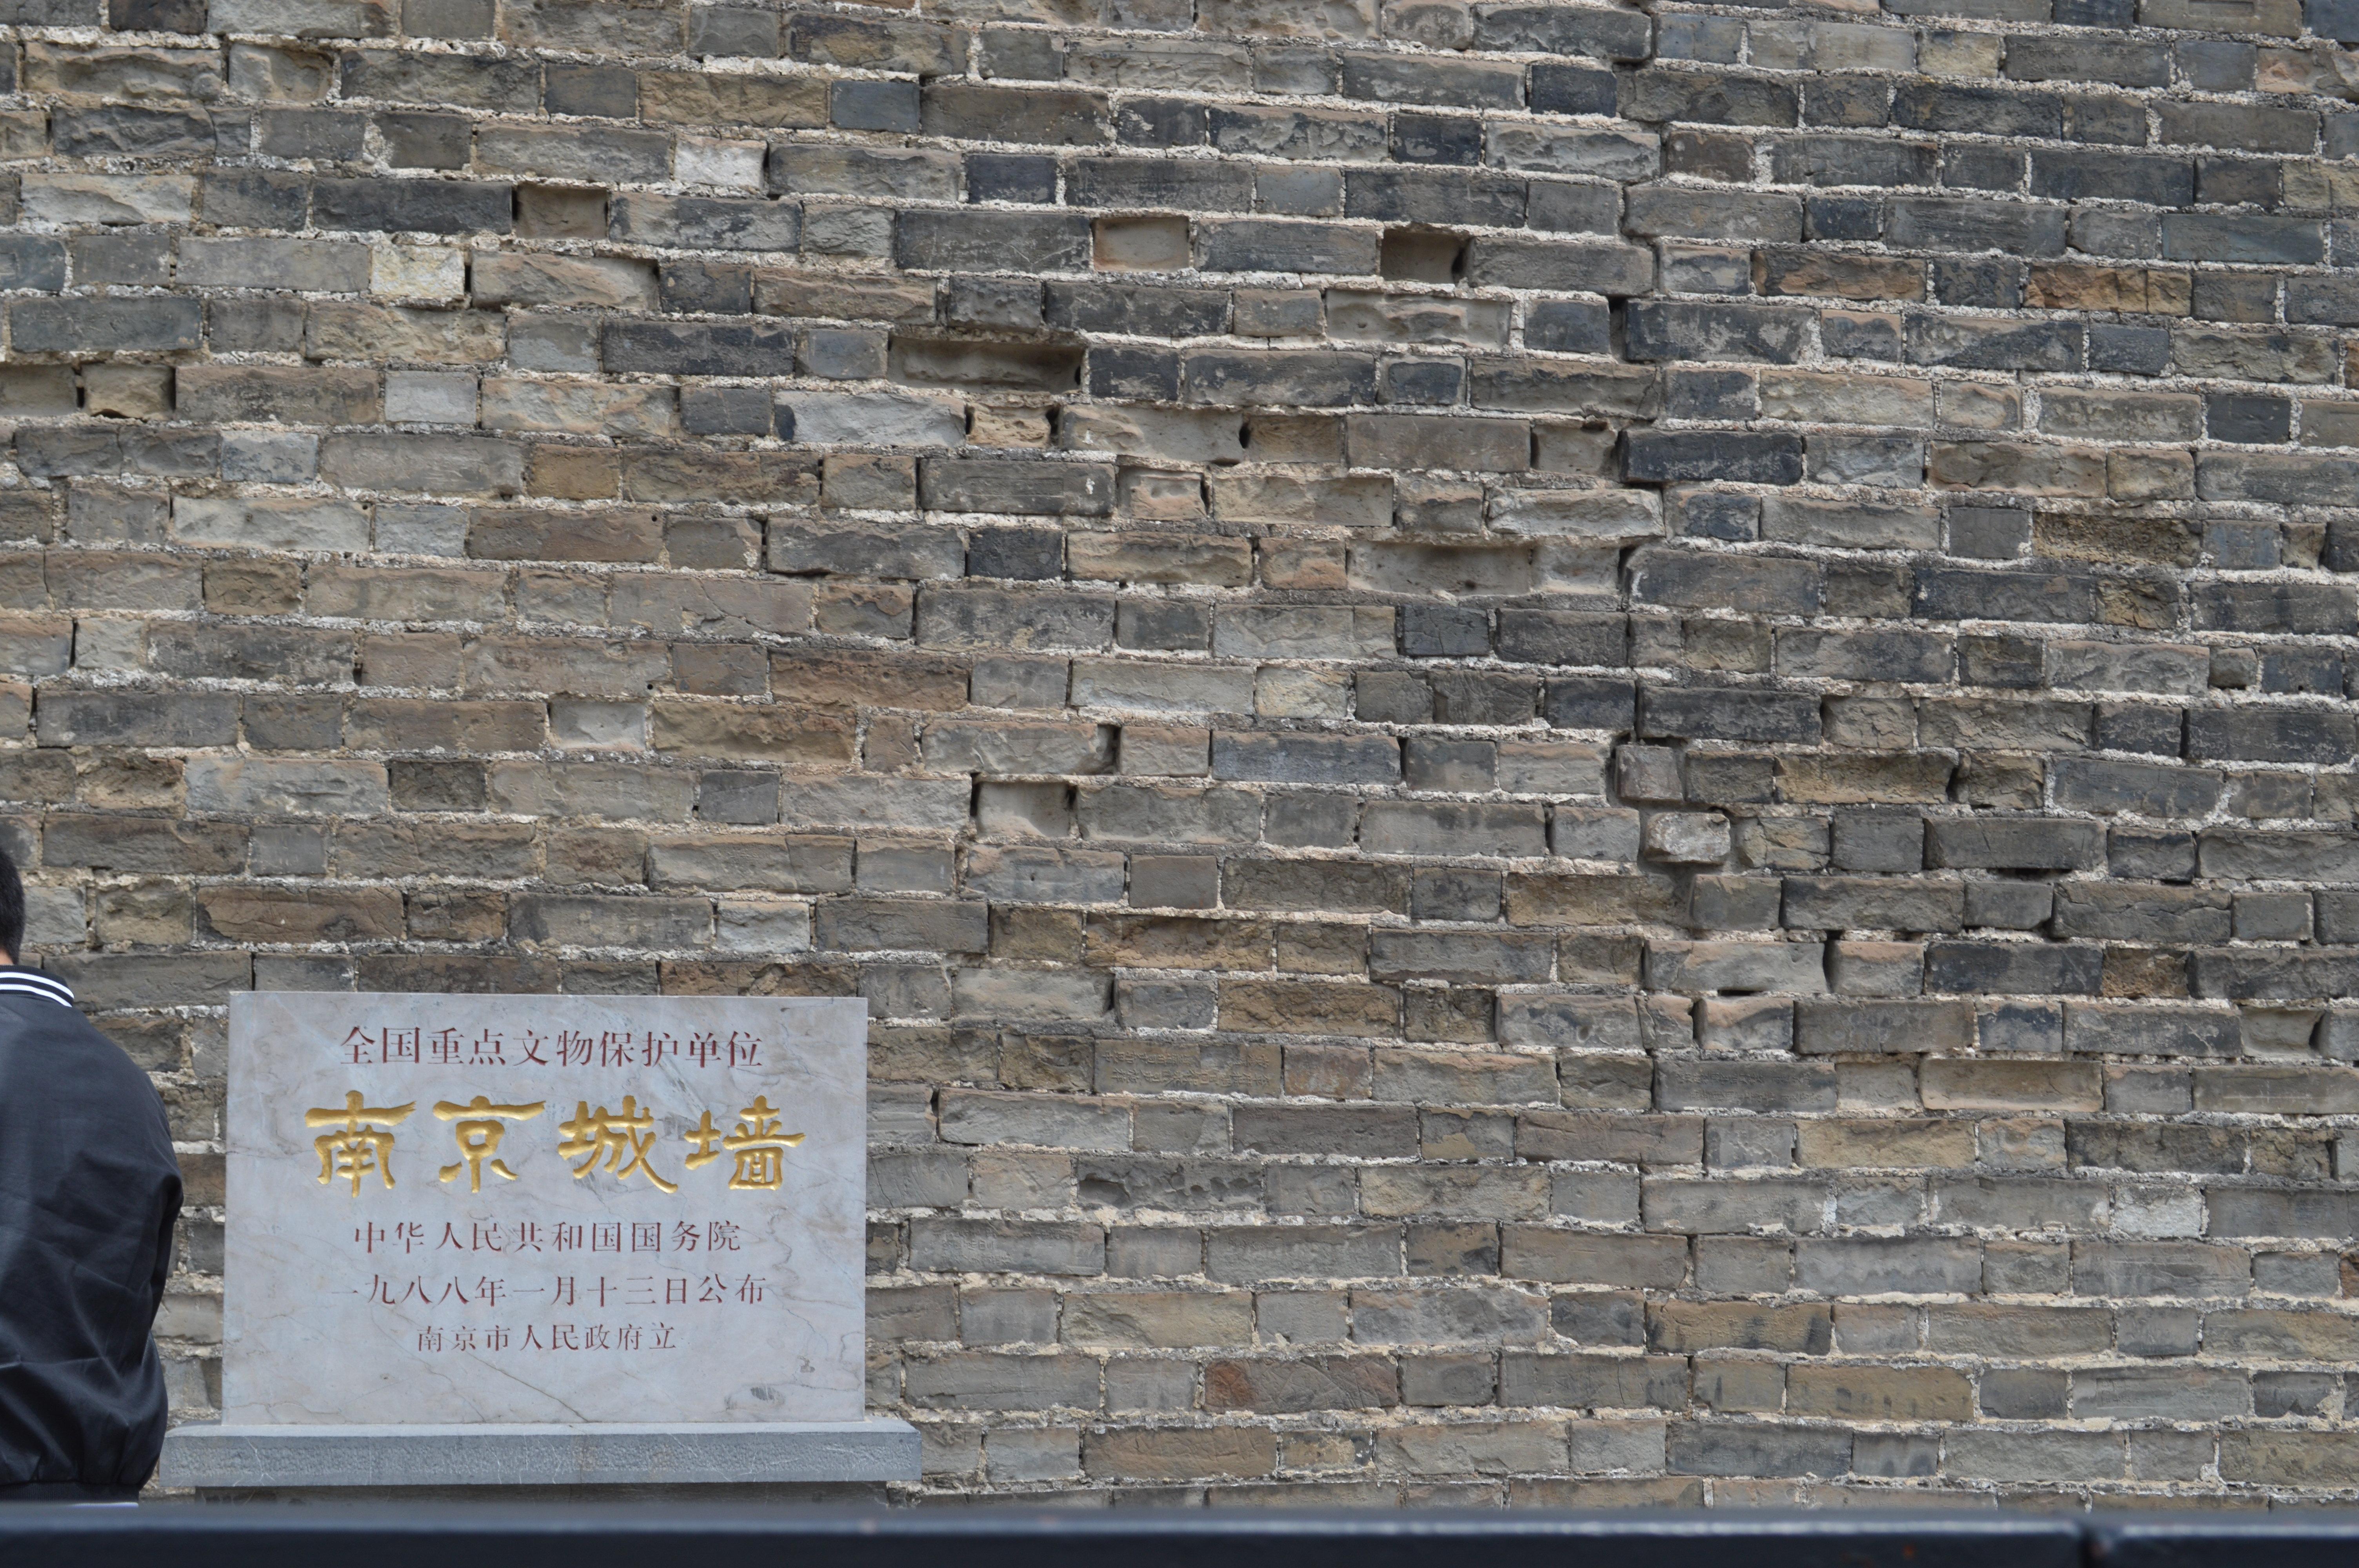 南京的城墙,是世界上最大的城墙,总长35公里,现在能看到完成的大约25公里,中国规模最大的2个看古城墙的地方,一个是西安明城墙,另一个就是南京的明城墙了。看明城墙最好的地方应该在解放门那里,不过解放门已经在1952年被炸了,用水泥砌成的,走在台城那段有10几米水泥城墙,很扎人的眼球,历史是应该有保留和存在的,钢筋水泥绝不是明长城的代号。这个地方最适合黄昏时刻,应着夕阳的余晖,踏在古旧的城墙上,很有感觉。每段城墙上都能找到一些刻有字迹的砖,历经600多年了,非常的清晰,字体都不一样,还有兼做书法作品的功用,